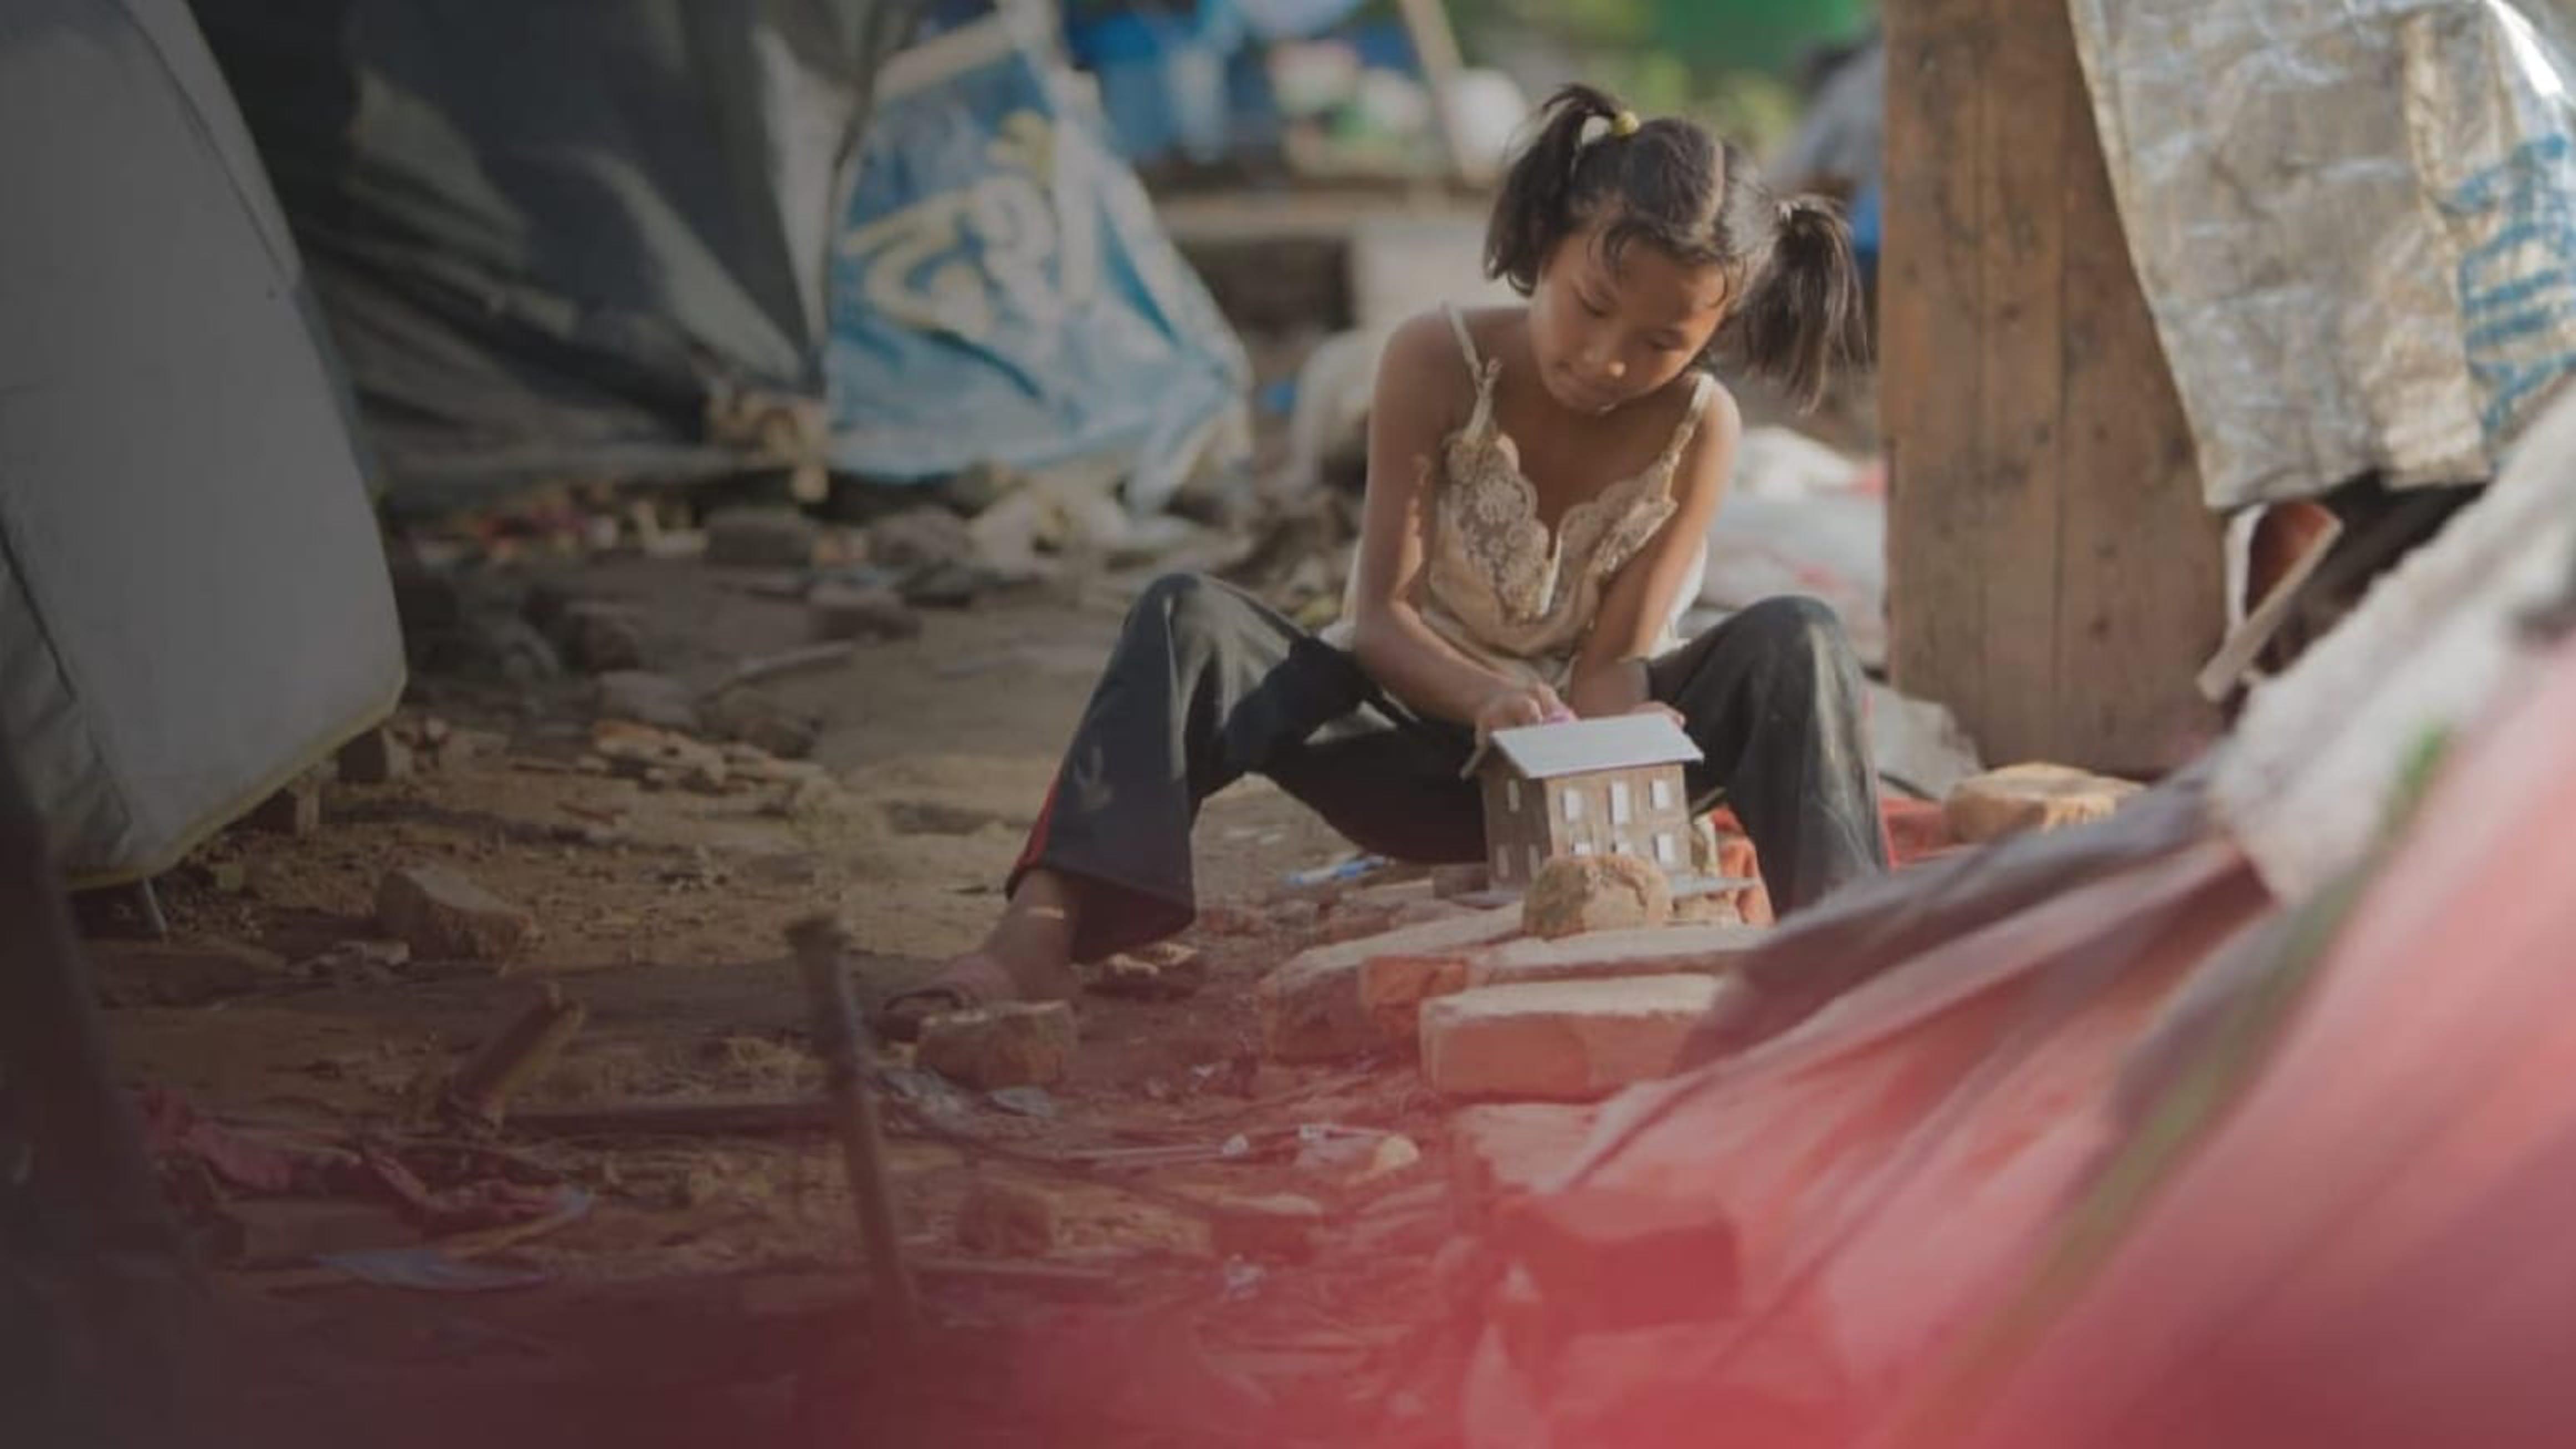 L'UNICEF Italia in aiuto per i bambini colpiti dall'emergenza del terremoto in Nepal